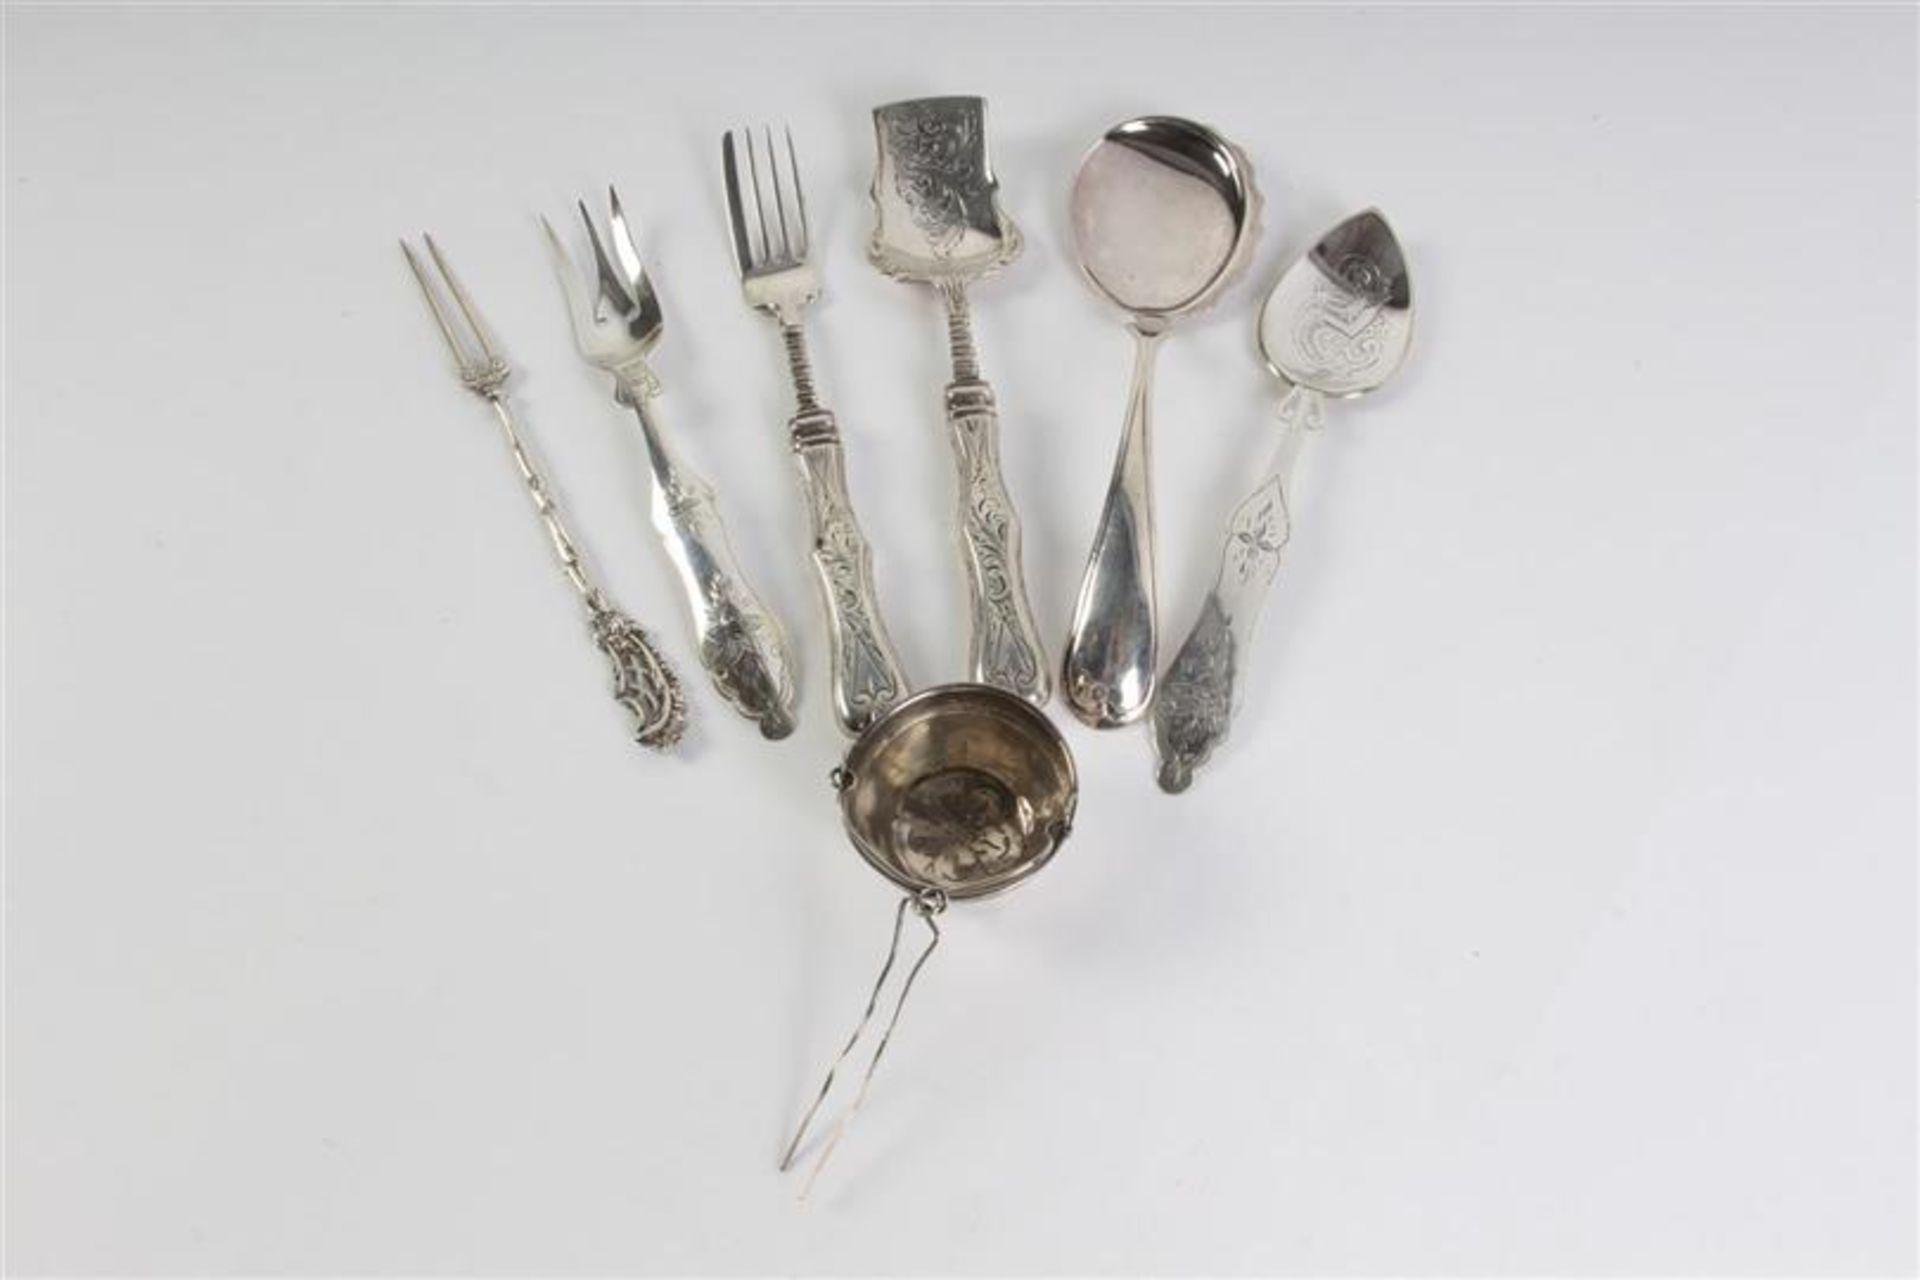 Los 56 - Lot divers zilver w.o. gembercouvert, theezeef en vorkjes, 19e/20e eeuw.